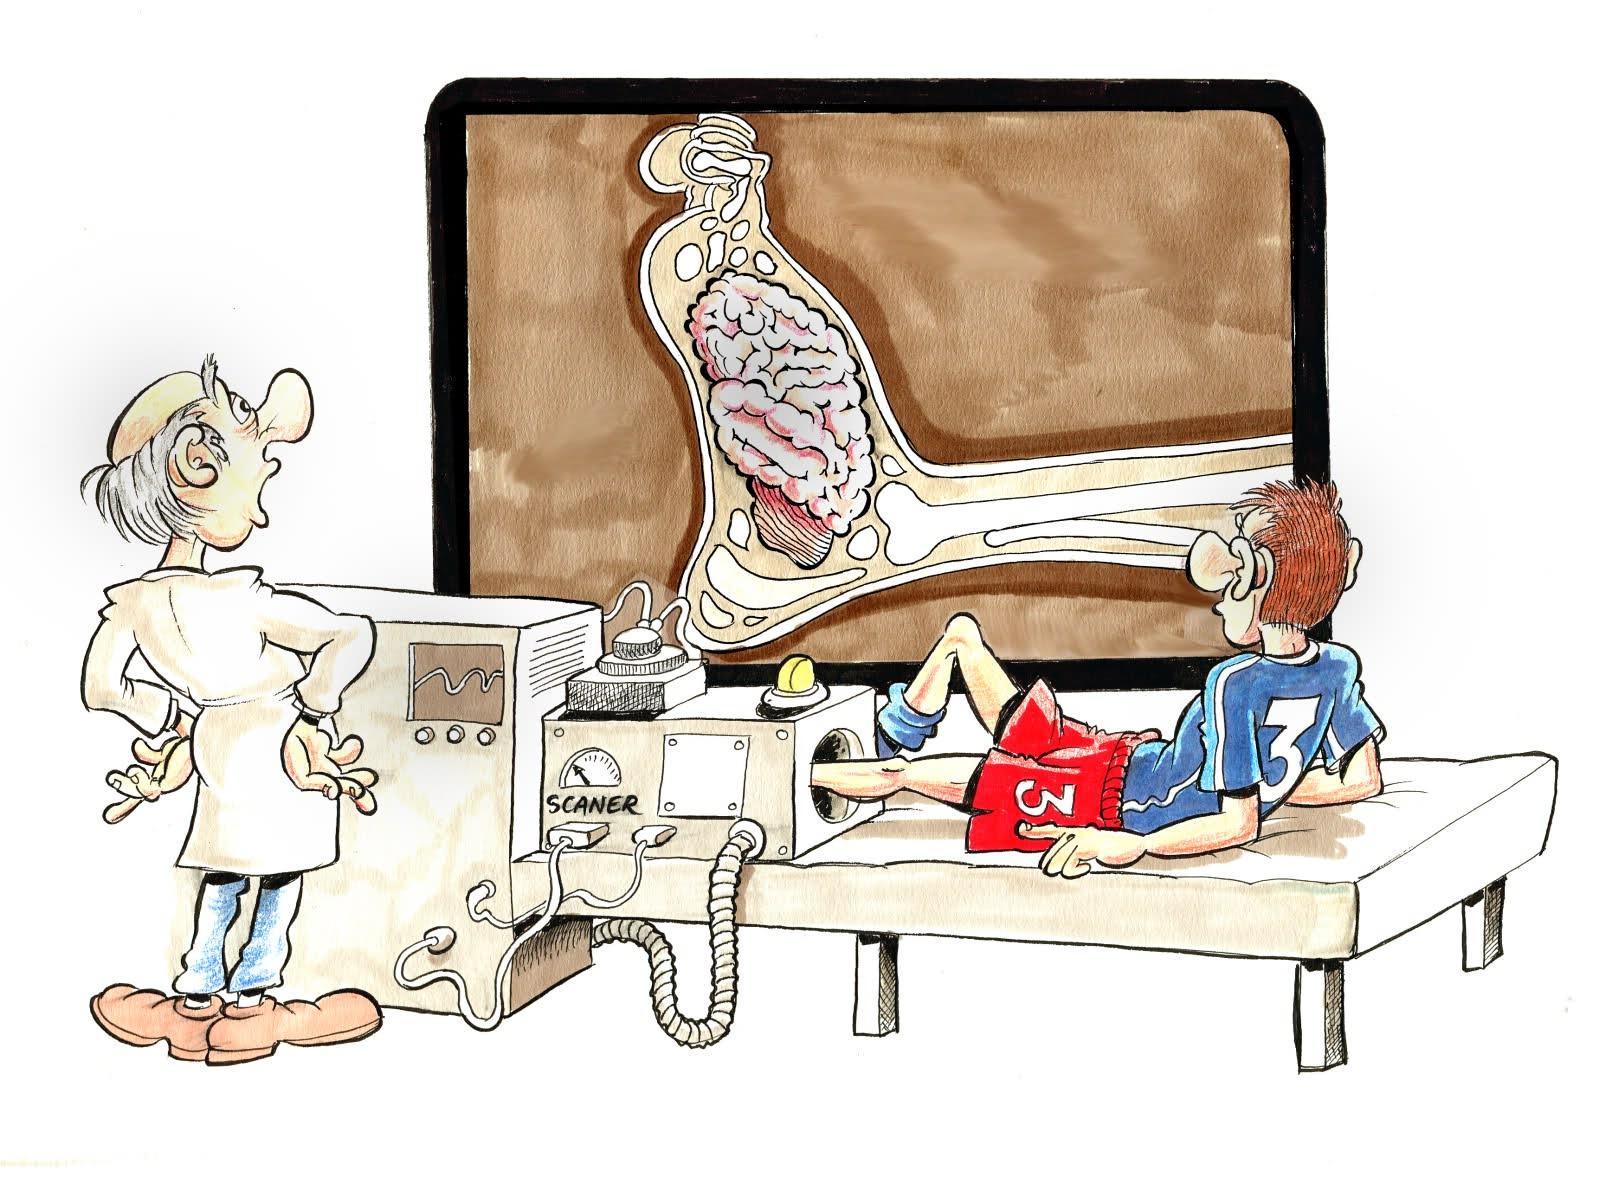 """Du 25 au 27 novembre au Complexe Mohammed VI de football:  La FRMF et la LNFP organisent un séminaire médical sous le thème : """"La cheville du footballeur"""""""